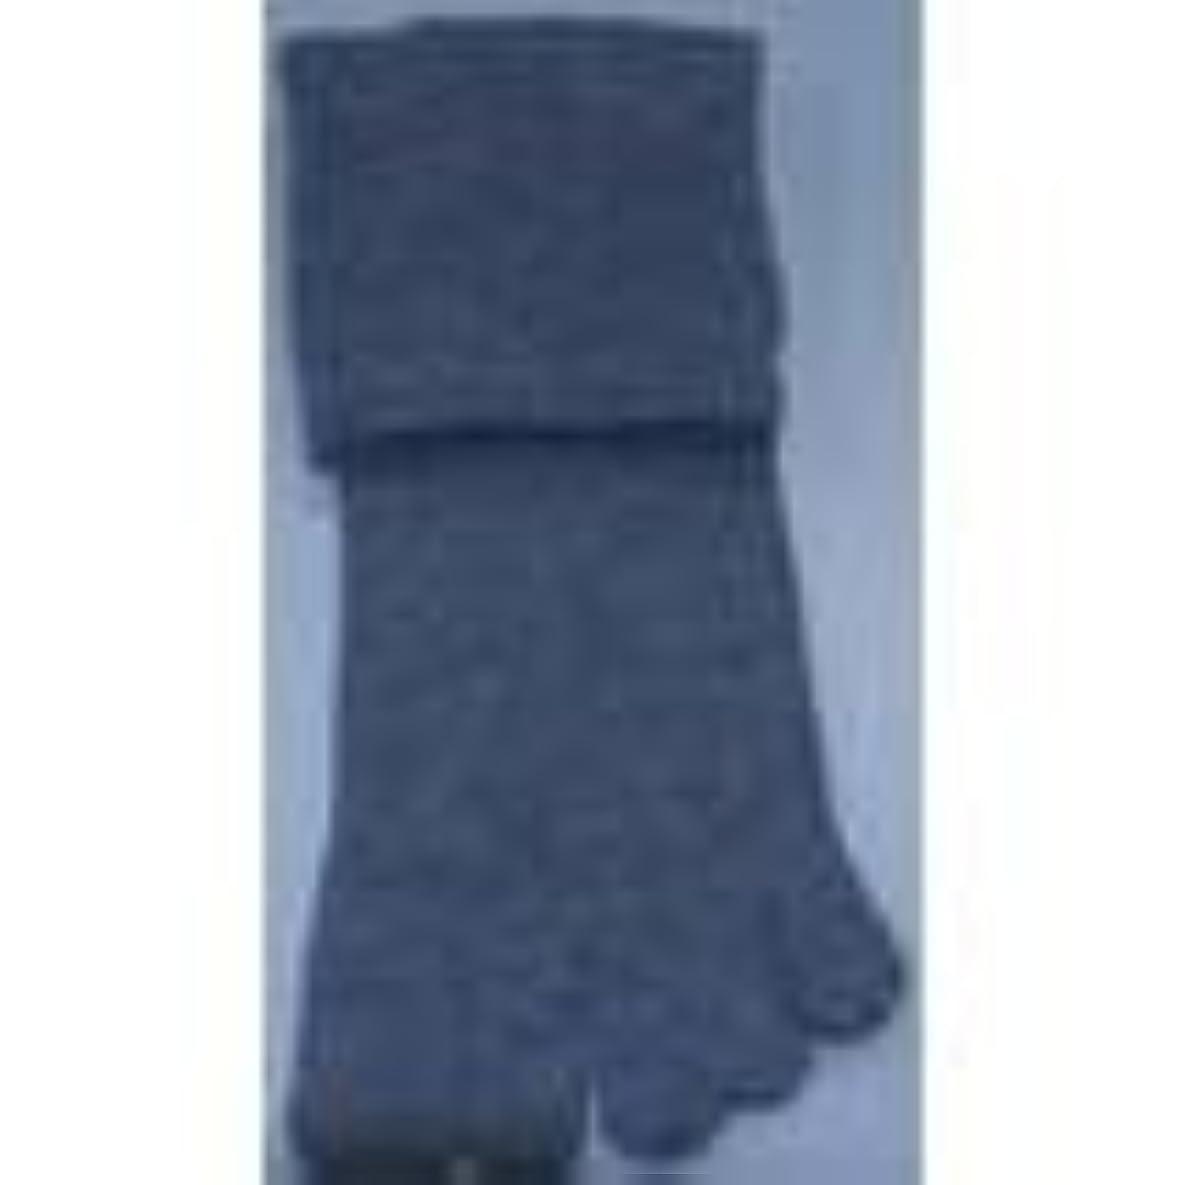 油実り多い多分足裏安定5本指靴下(L(26-28cm), グレー)